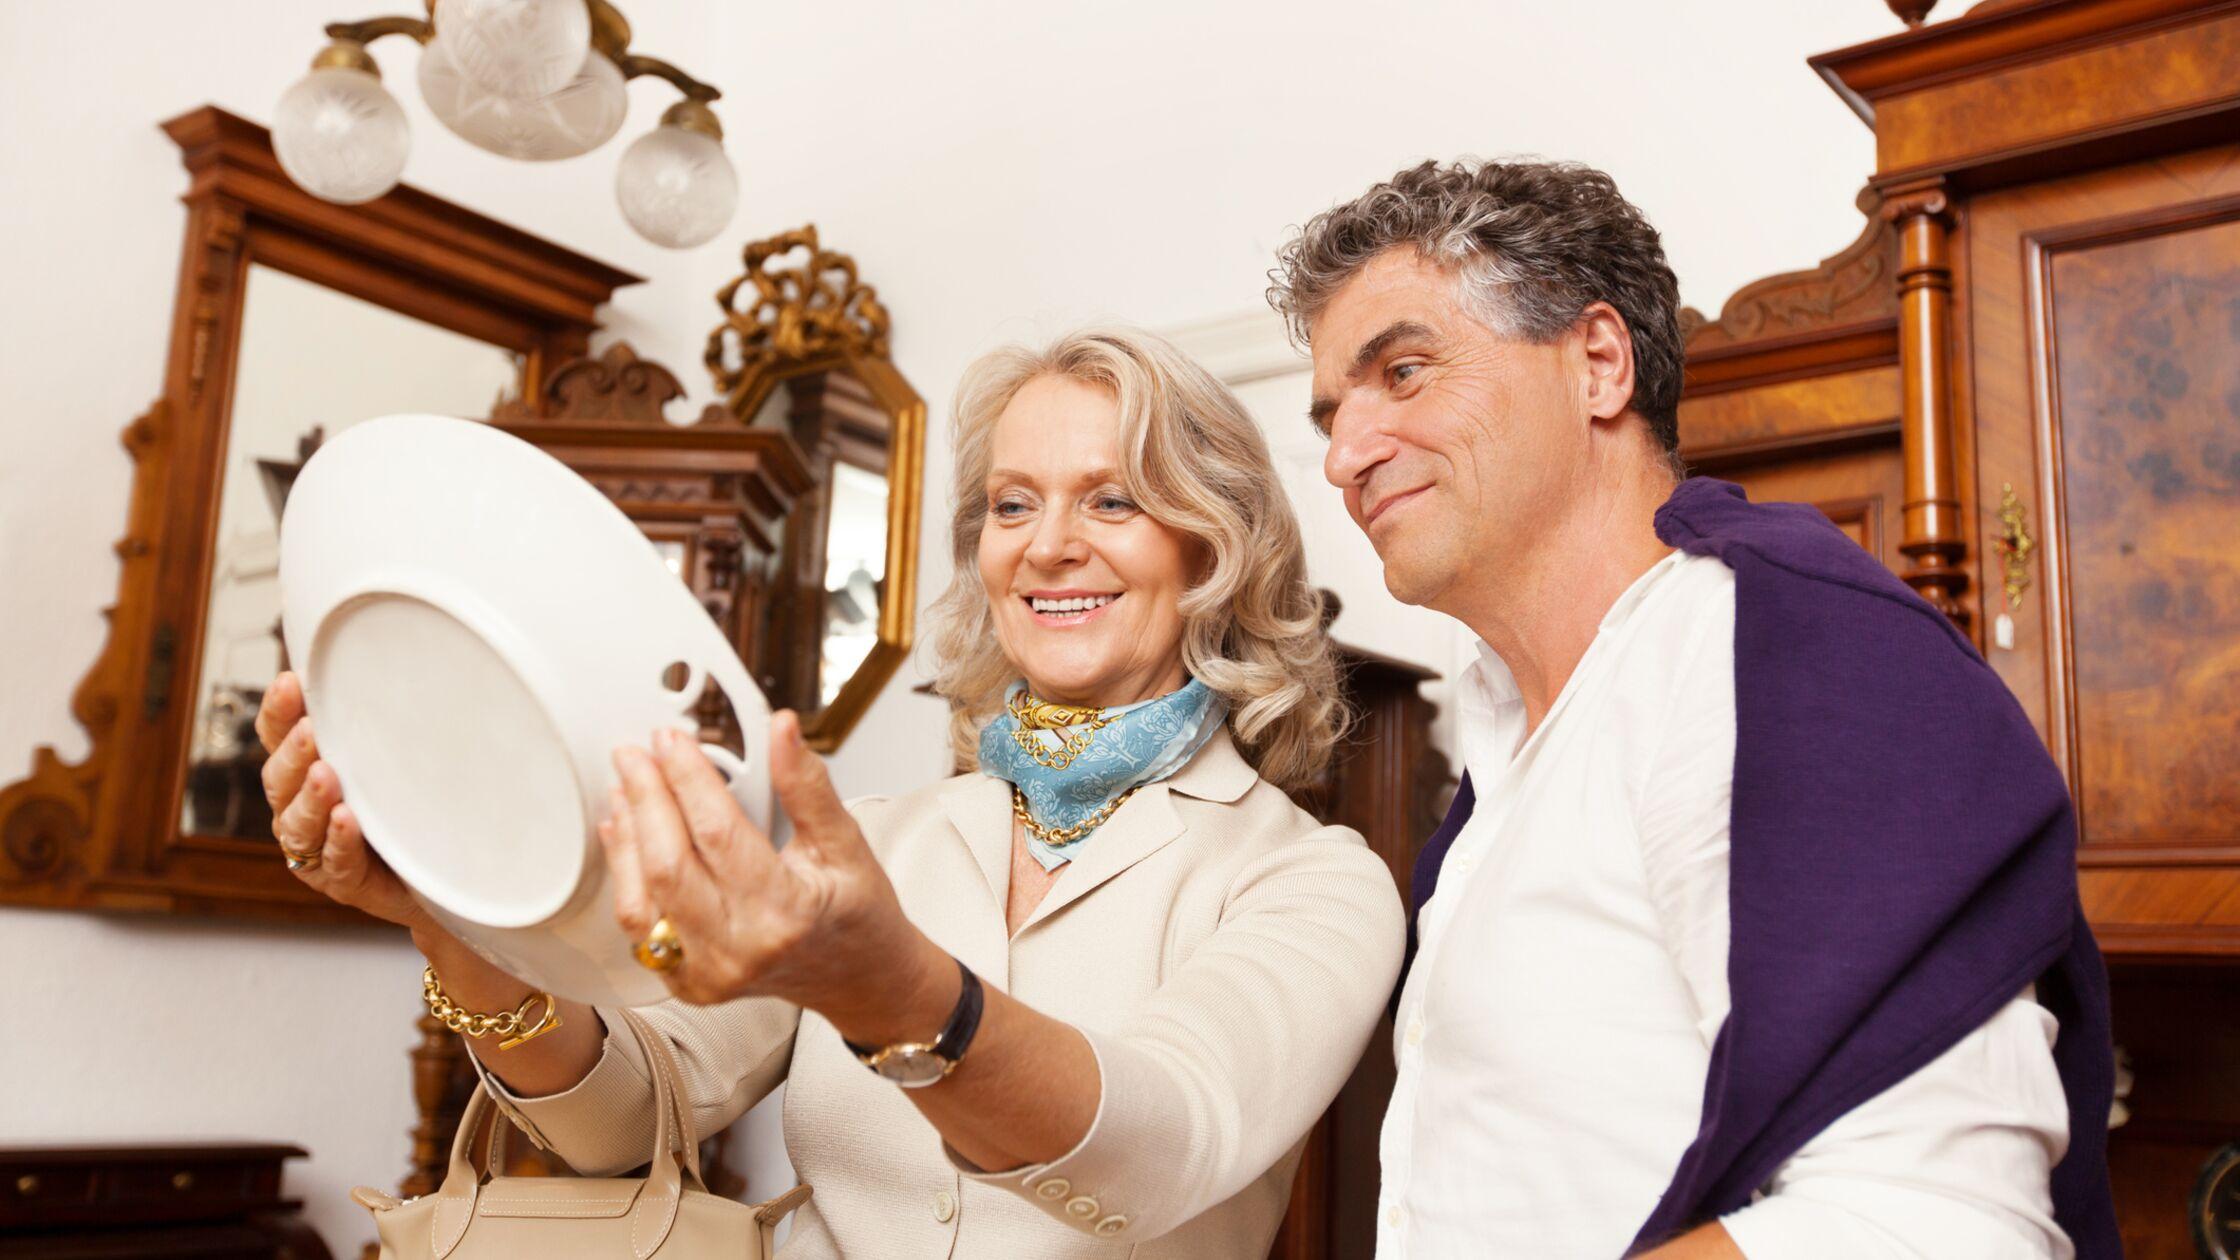 Älteres, reiches Ehepaar mit antiken Möbeln und teurem Porzellan